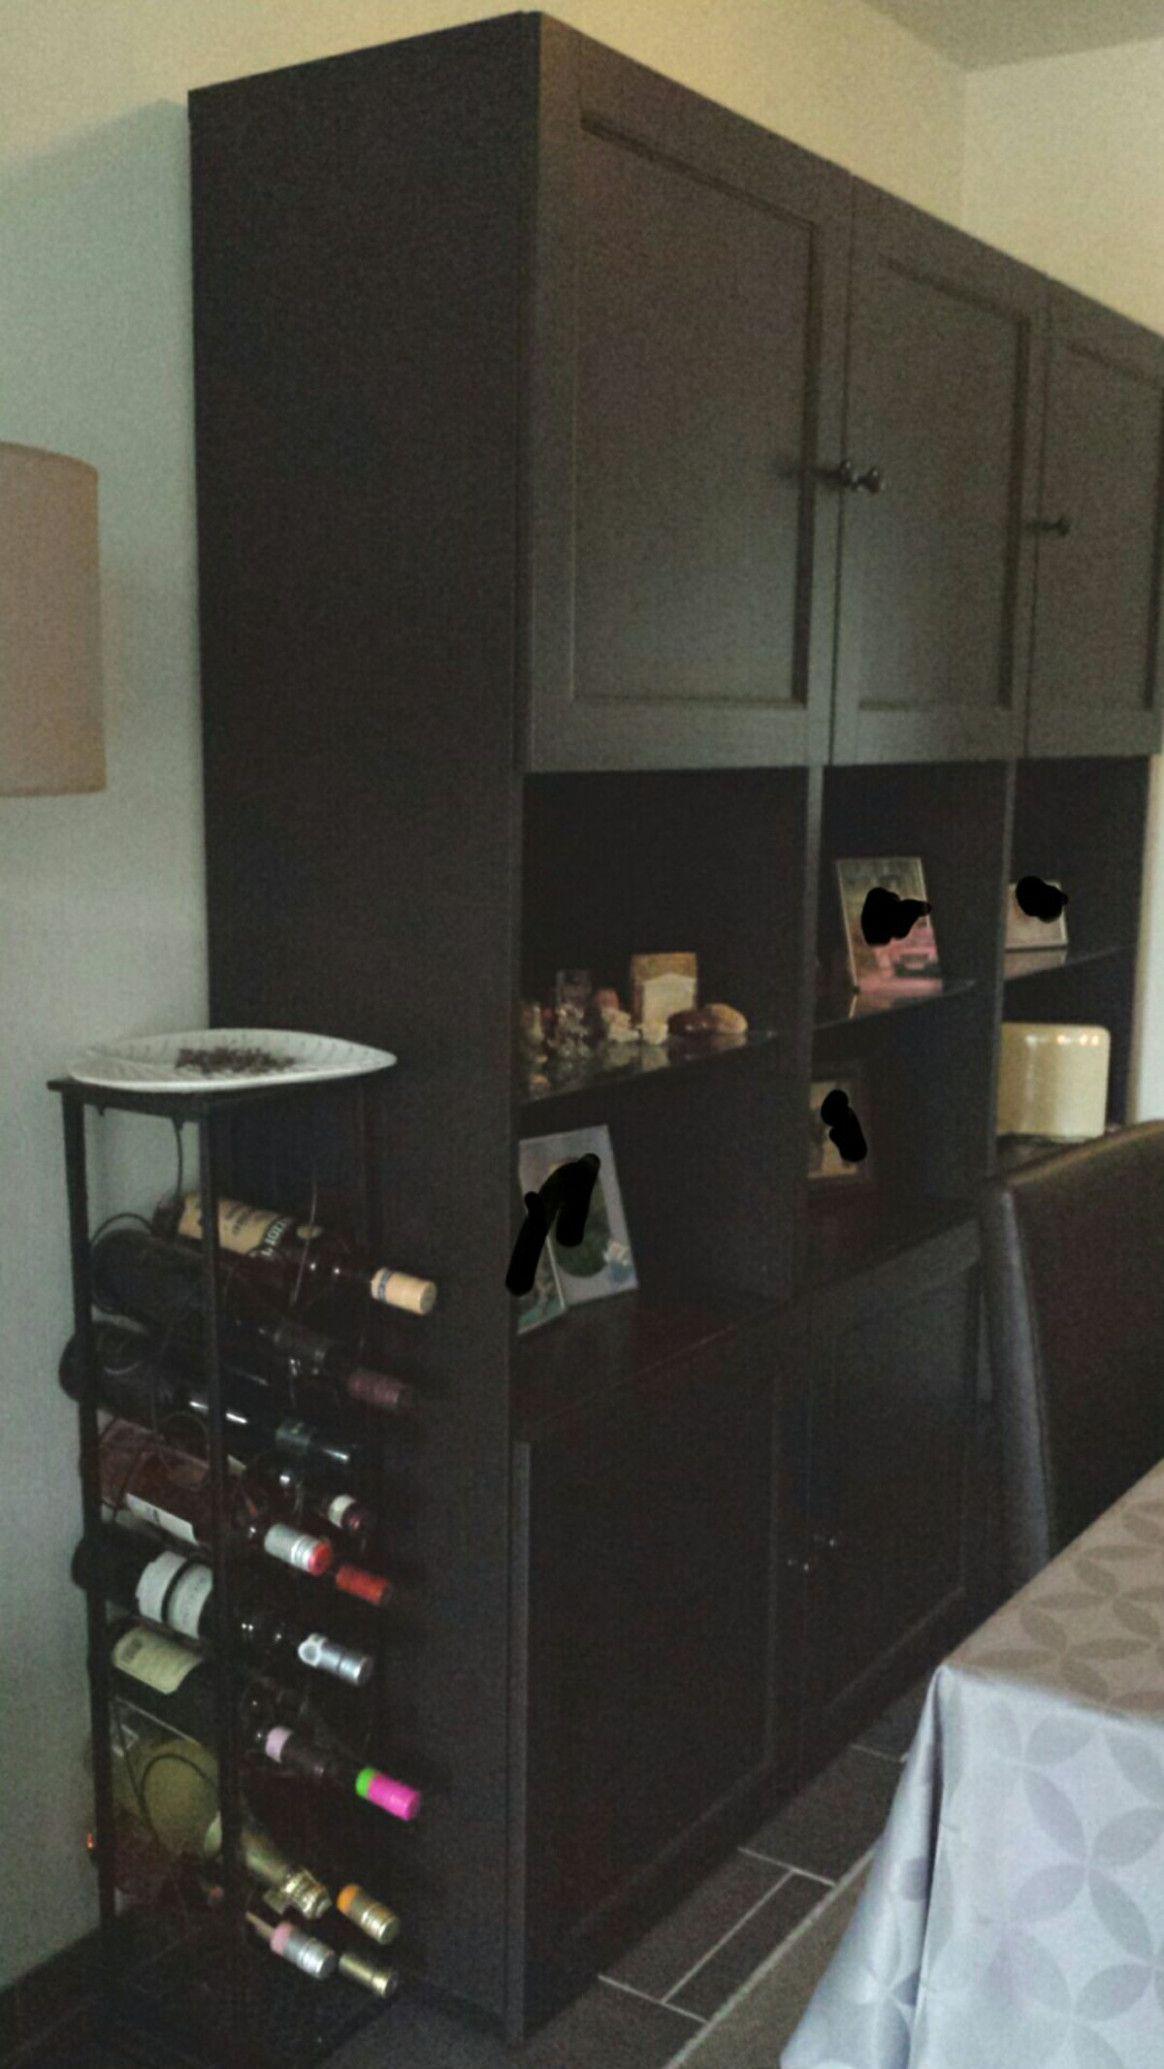 9 Wohnzimmerschrank Von Ikea in 9  Wohnzimmerschrank ikea